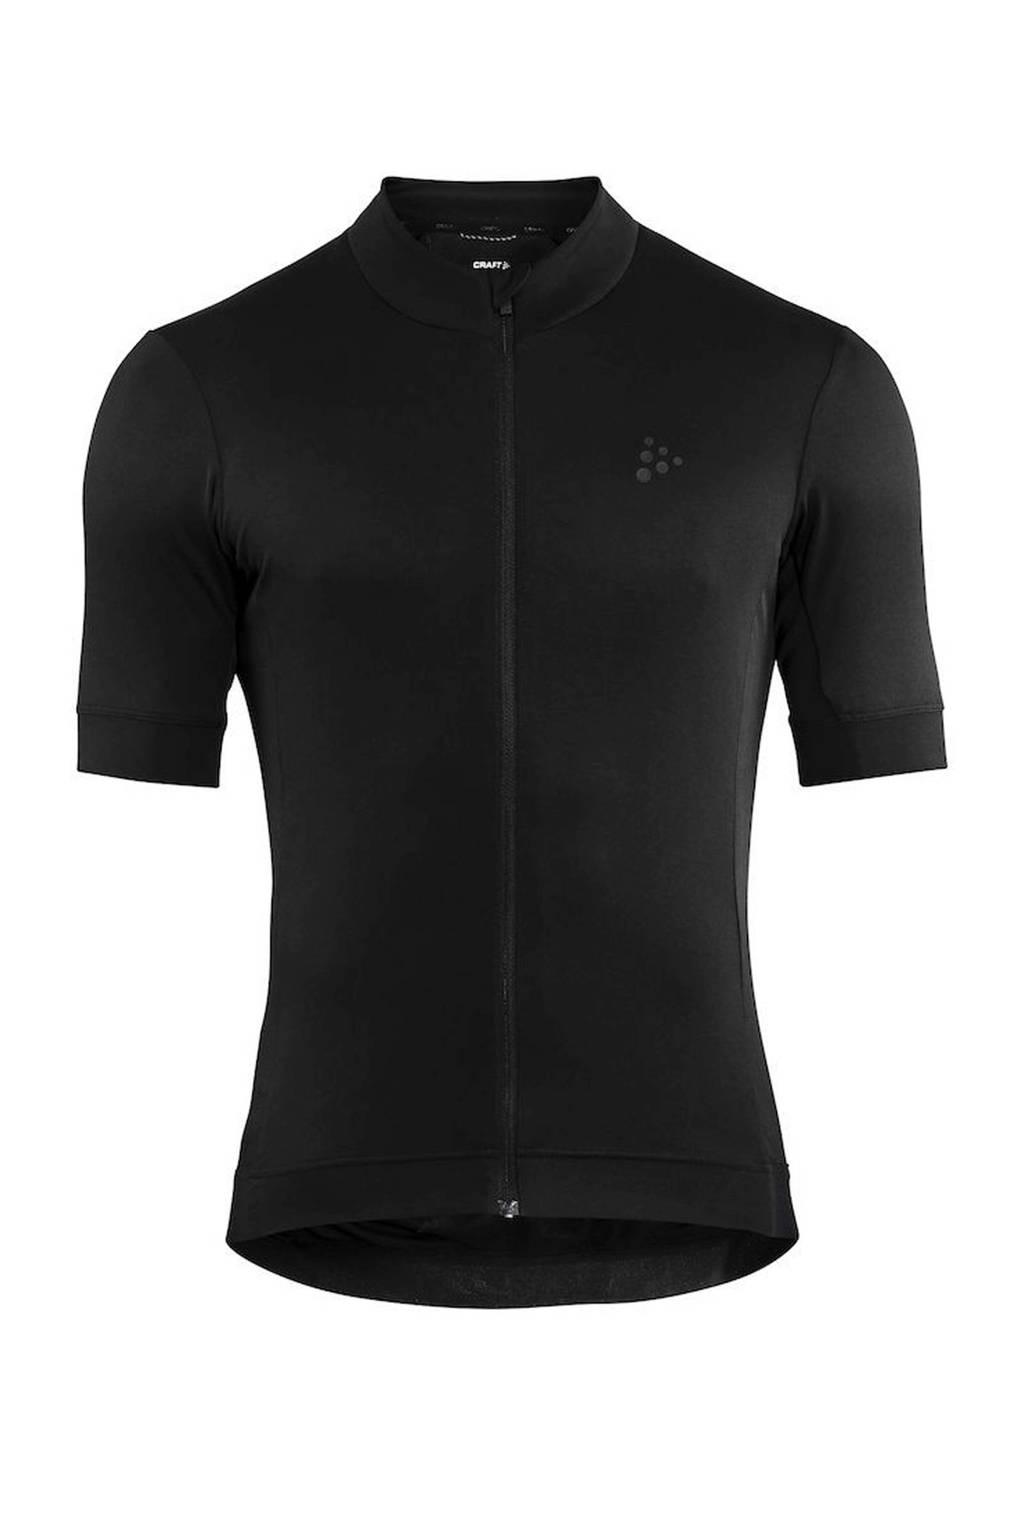 Craft   fietsshirt zwart, Zwart